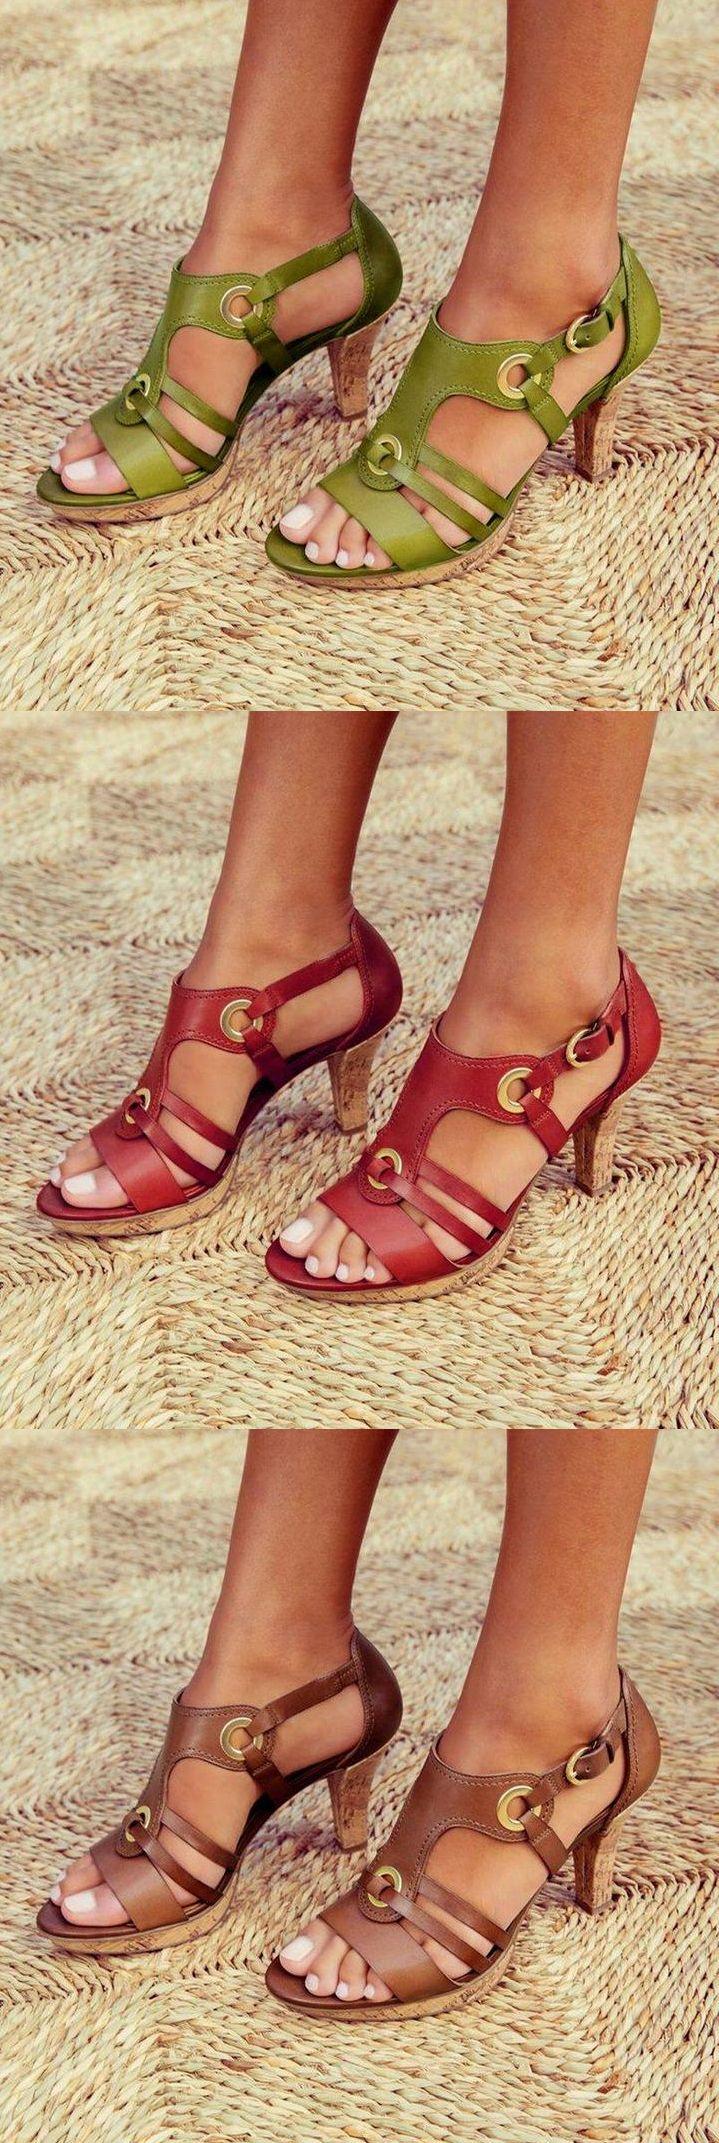 SHOP HEUTE >> Bis zu 70% RABATT! Handmade Vintage Chunky #Sandalen #Schuhe für Sie.Buy 2 Erhalten Sie 8% RABATT!